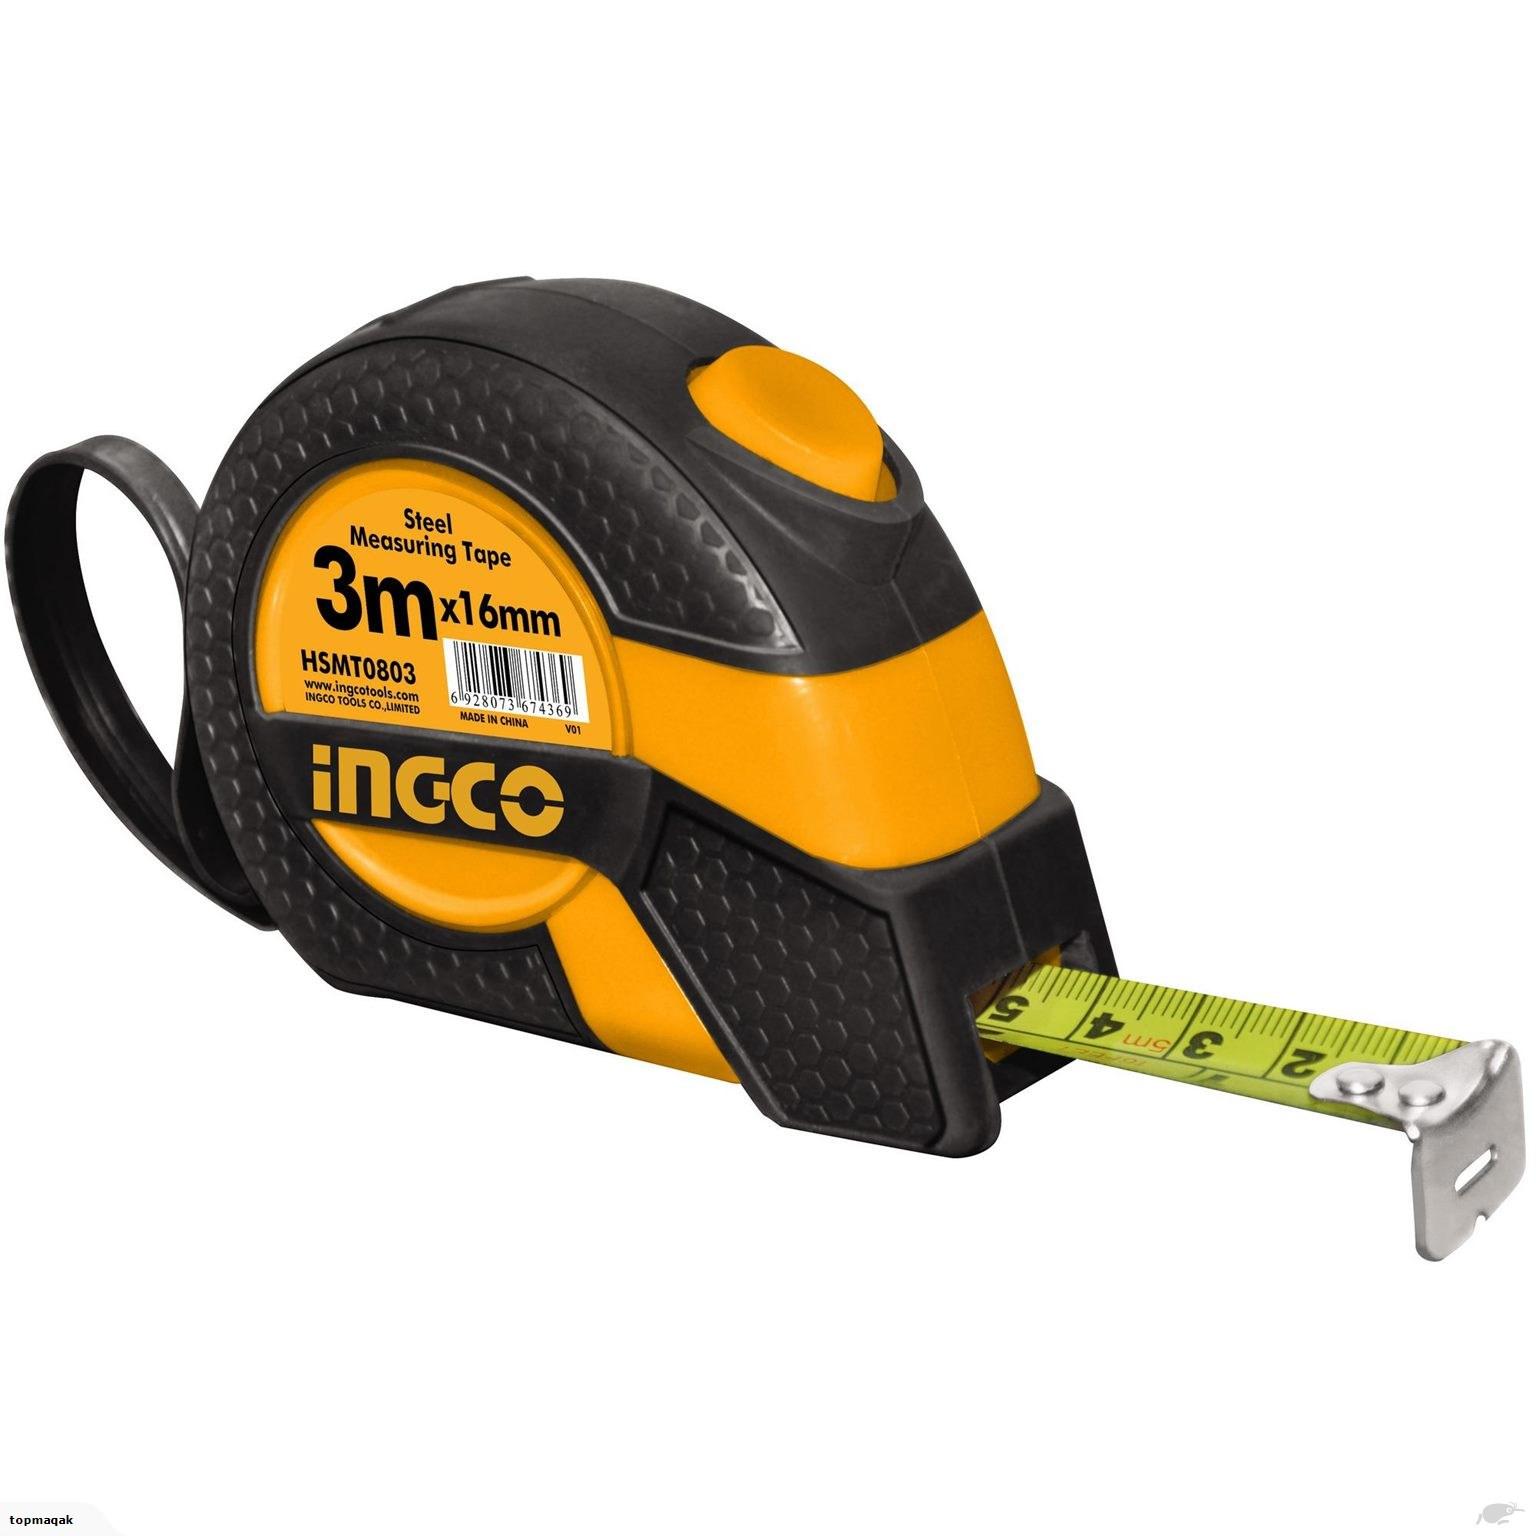 Ingco 3mx16mm Steel measuring tape HSMT0803